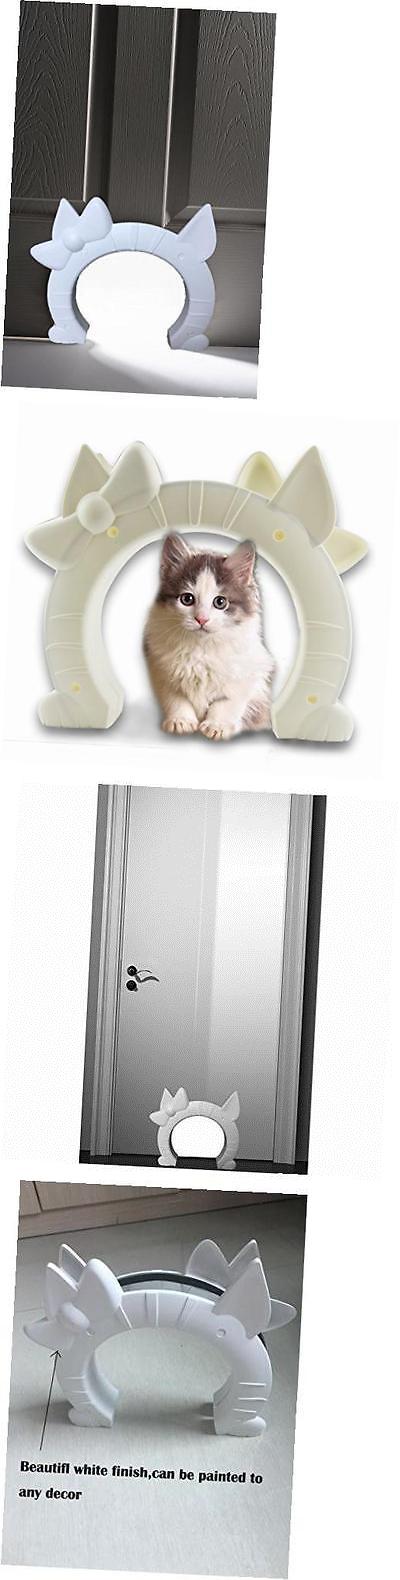 Doors And Flaps 117421: Interior Cat Door Plastic Pet Door For Large Cat Or  Small